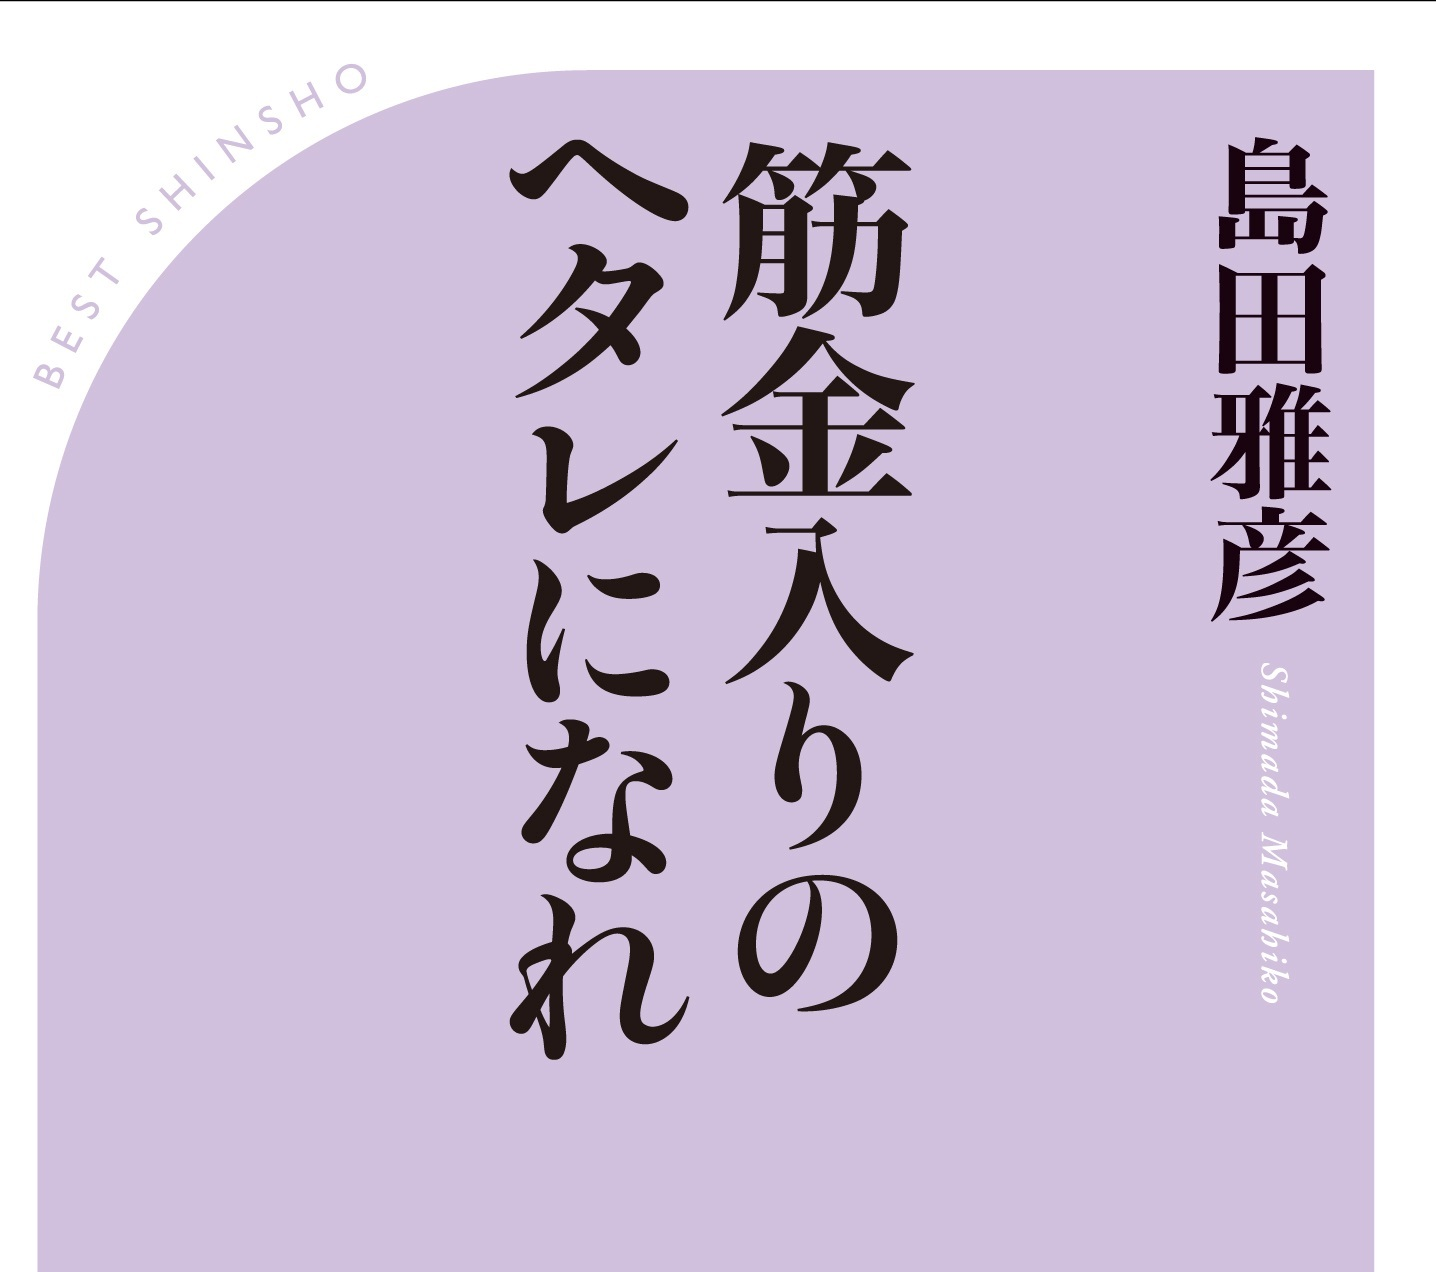 あまりにヘタレなマスコミに島田雅彦がモノ申す。<br />日本のジャーナリズムは政府の広報になったのか!?<br />